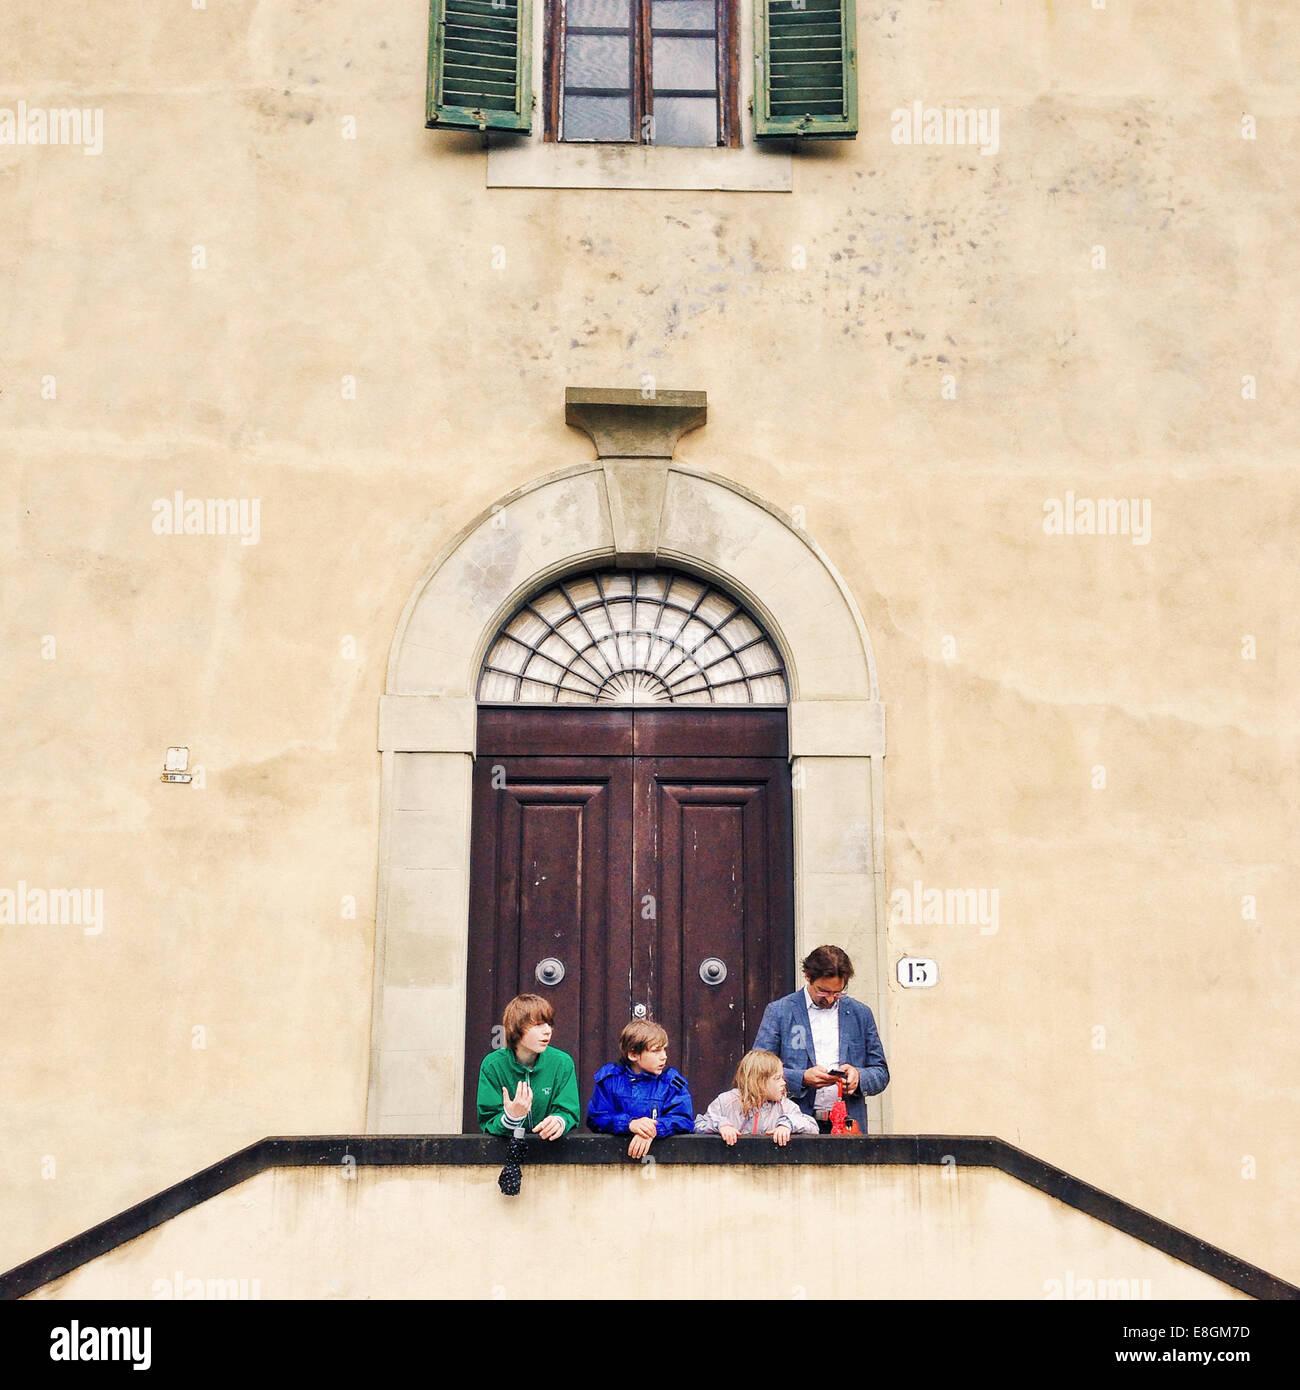 L'Italia, Firenze, padre di tre bambini (10-11, 12-13) in piedi nella parte anteriore dell'edificio Immagini Stock